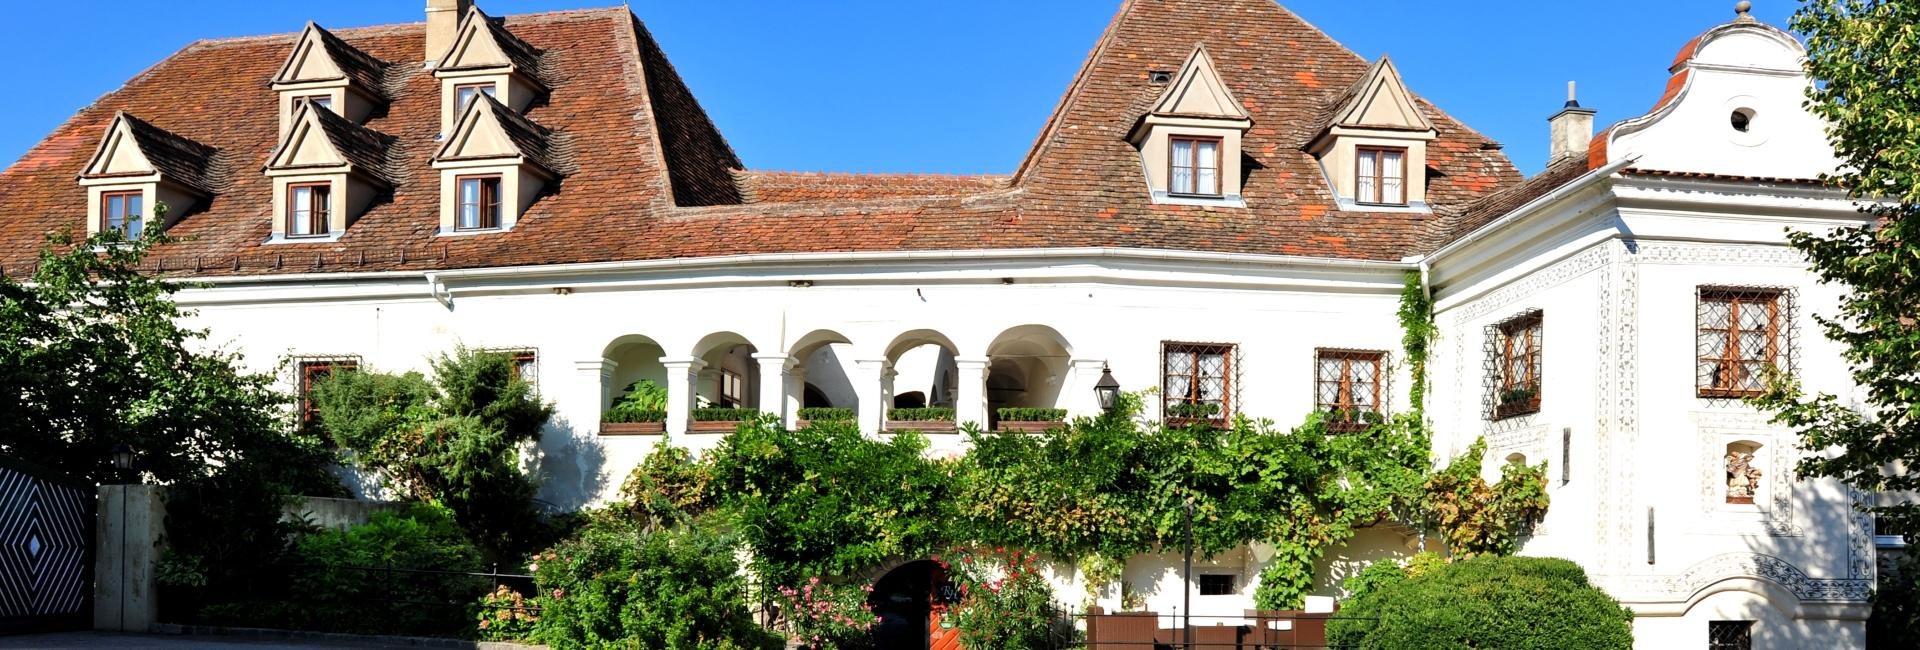 Renaissancehotel Raffelsberger Hof